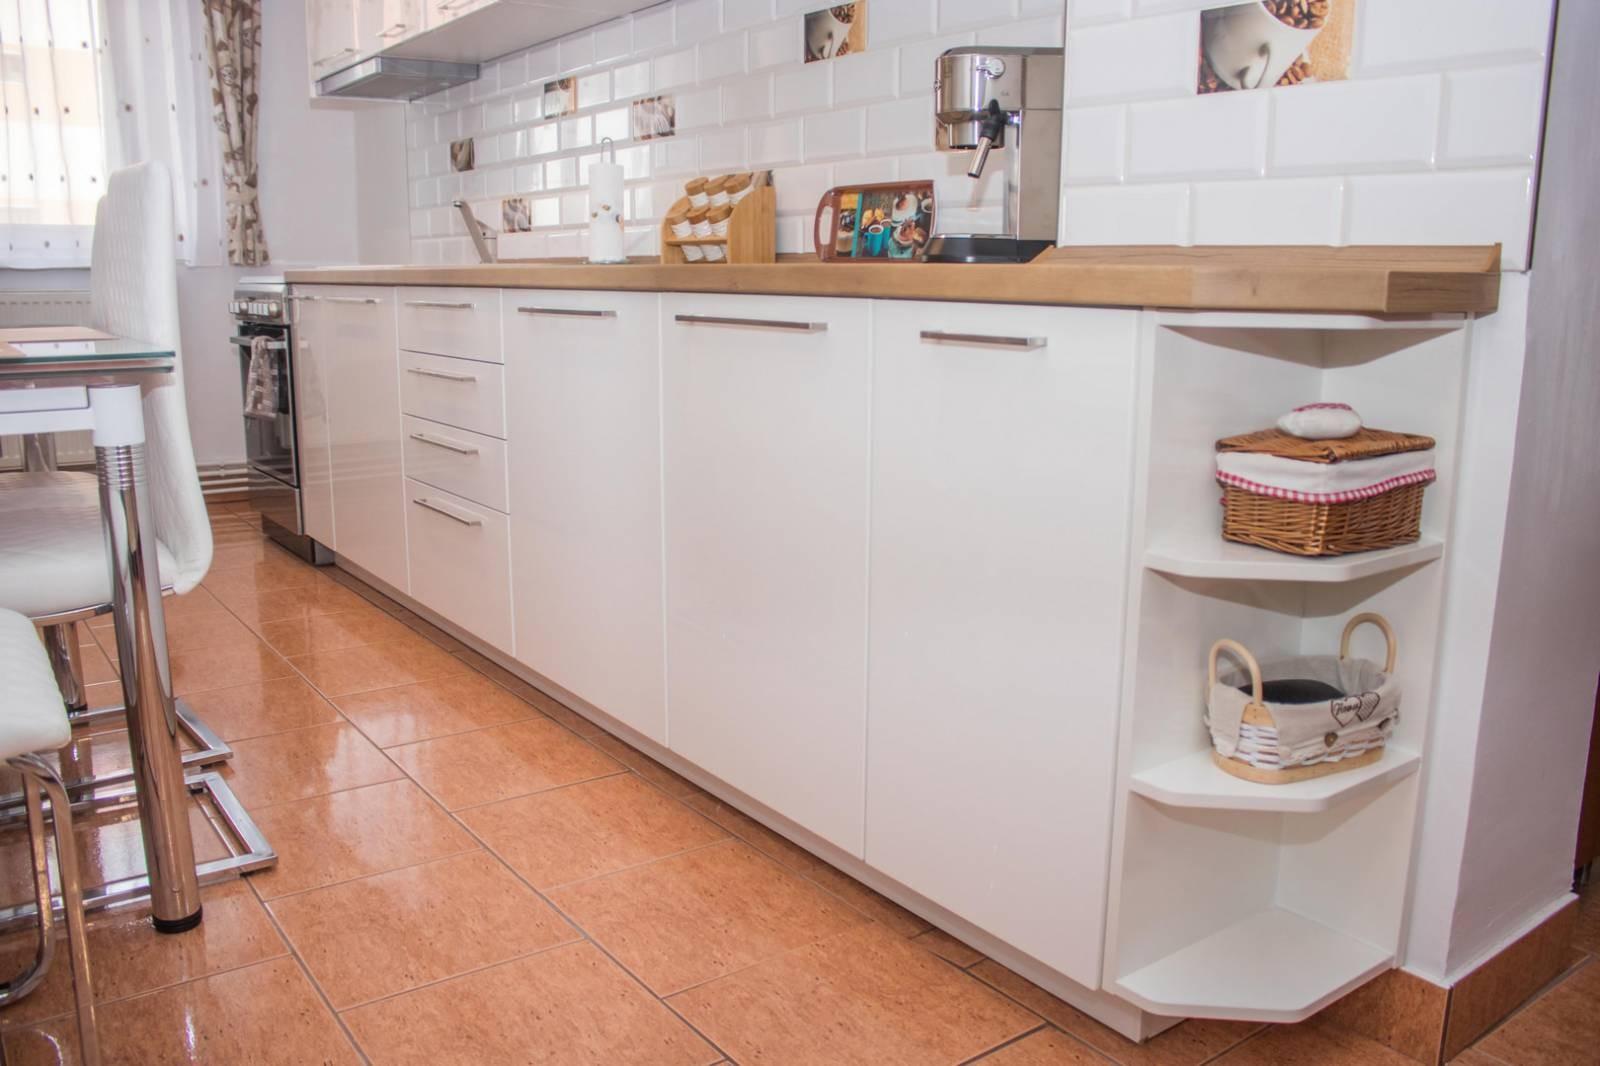 Referință - Bucătărie modernă Nobilia Flash - Alb / stejar Taxus